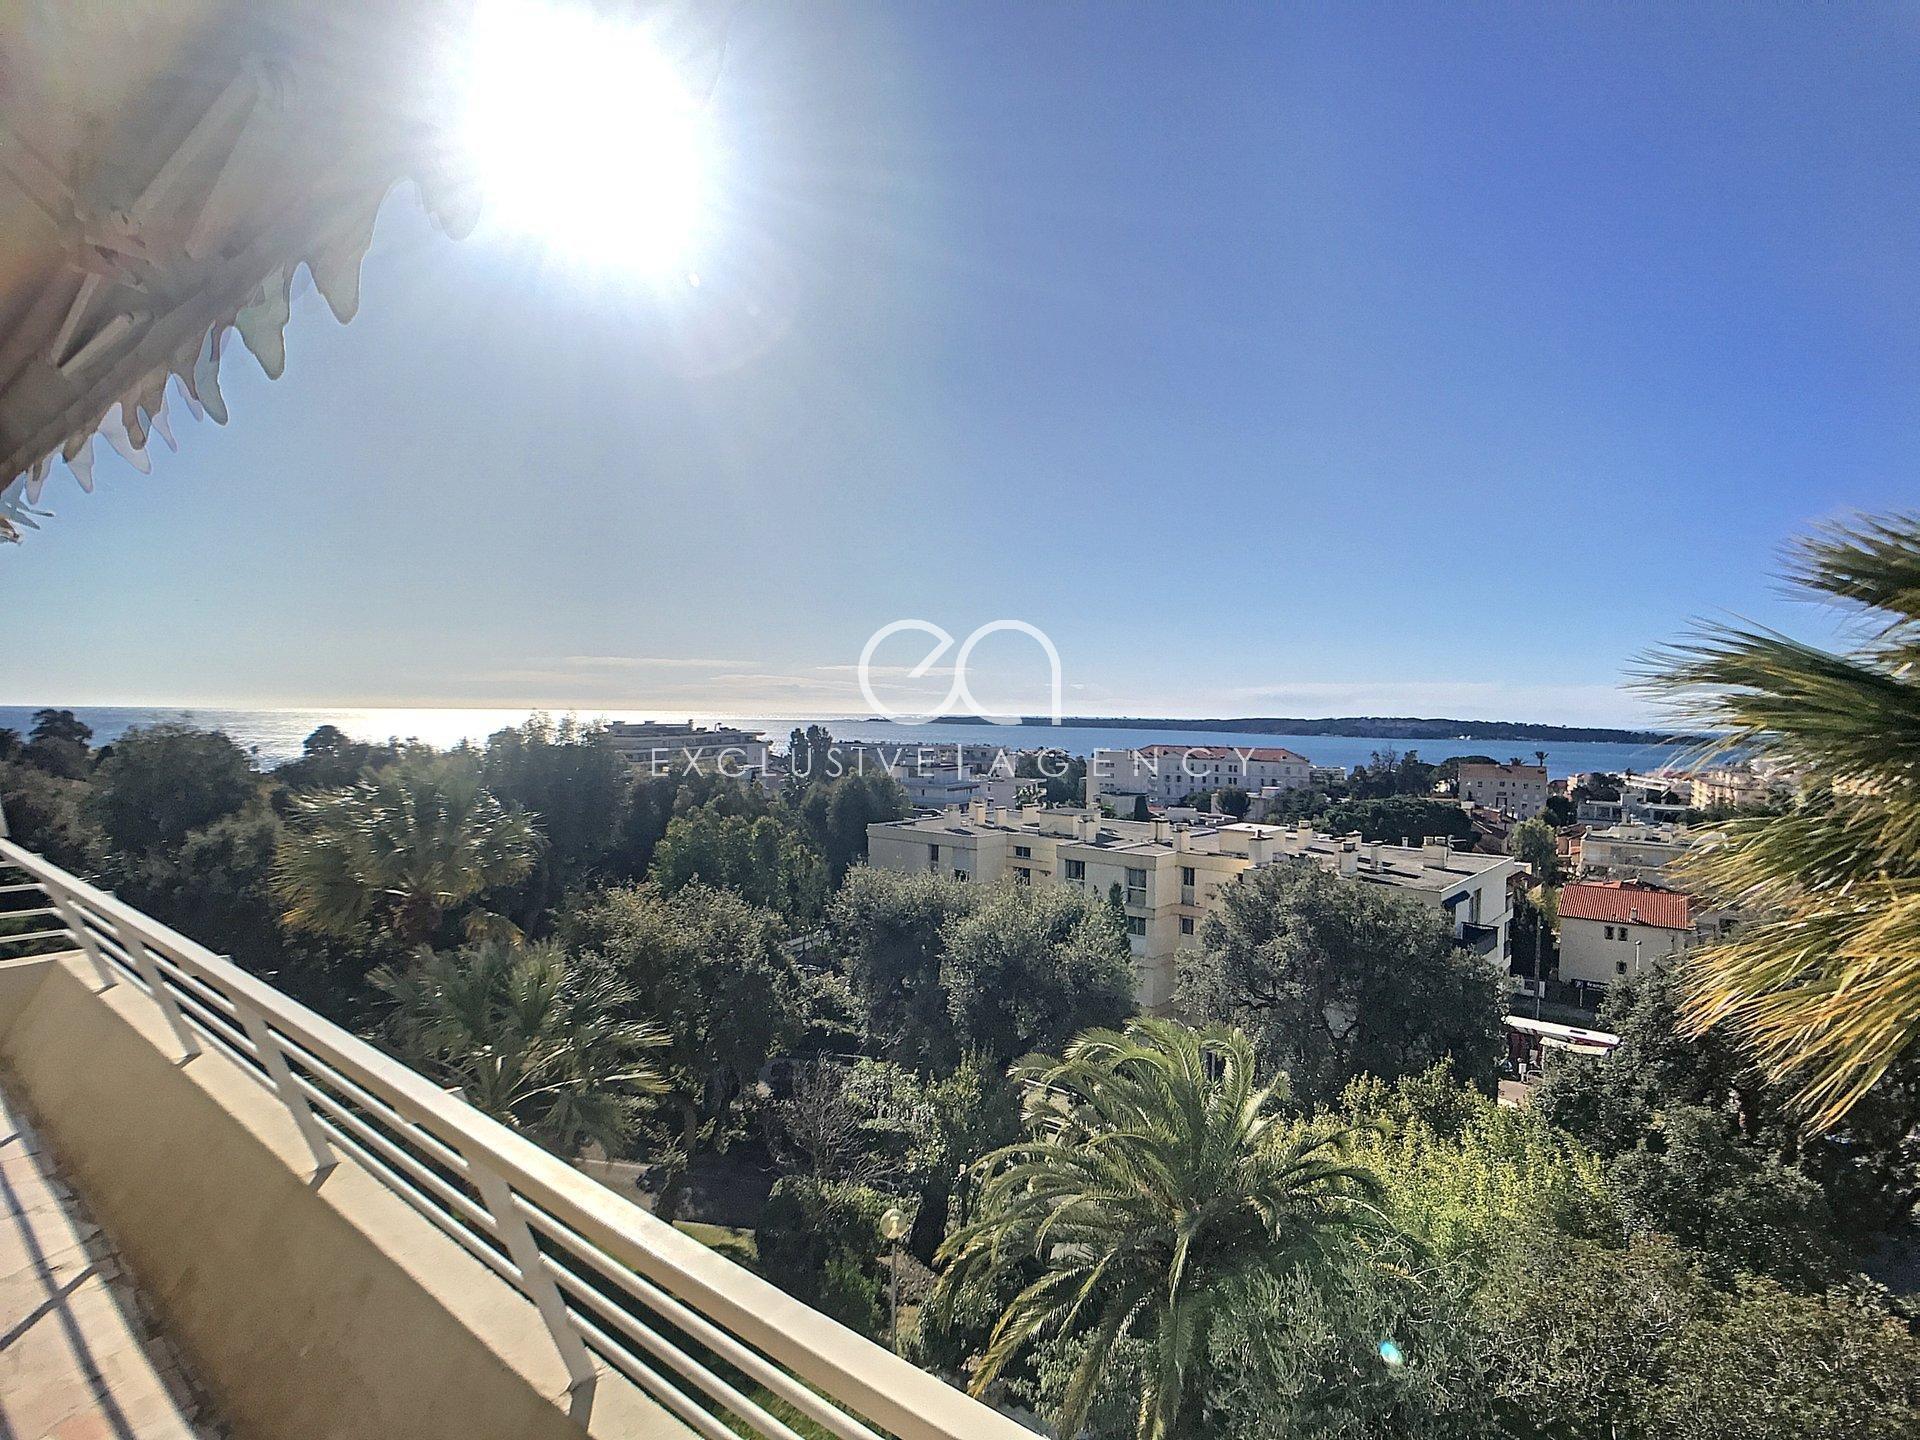 Location vide à l'année 2 pièces 51m² avec terrasse et vue mer panoramique